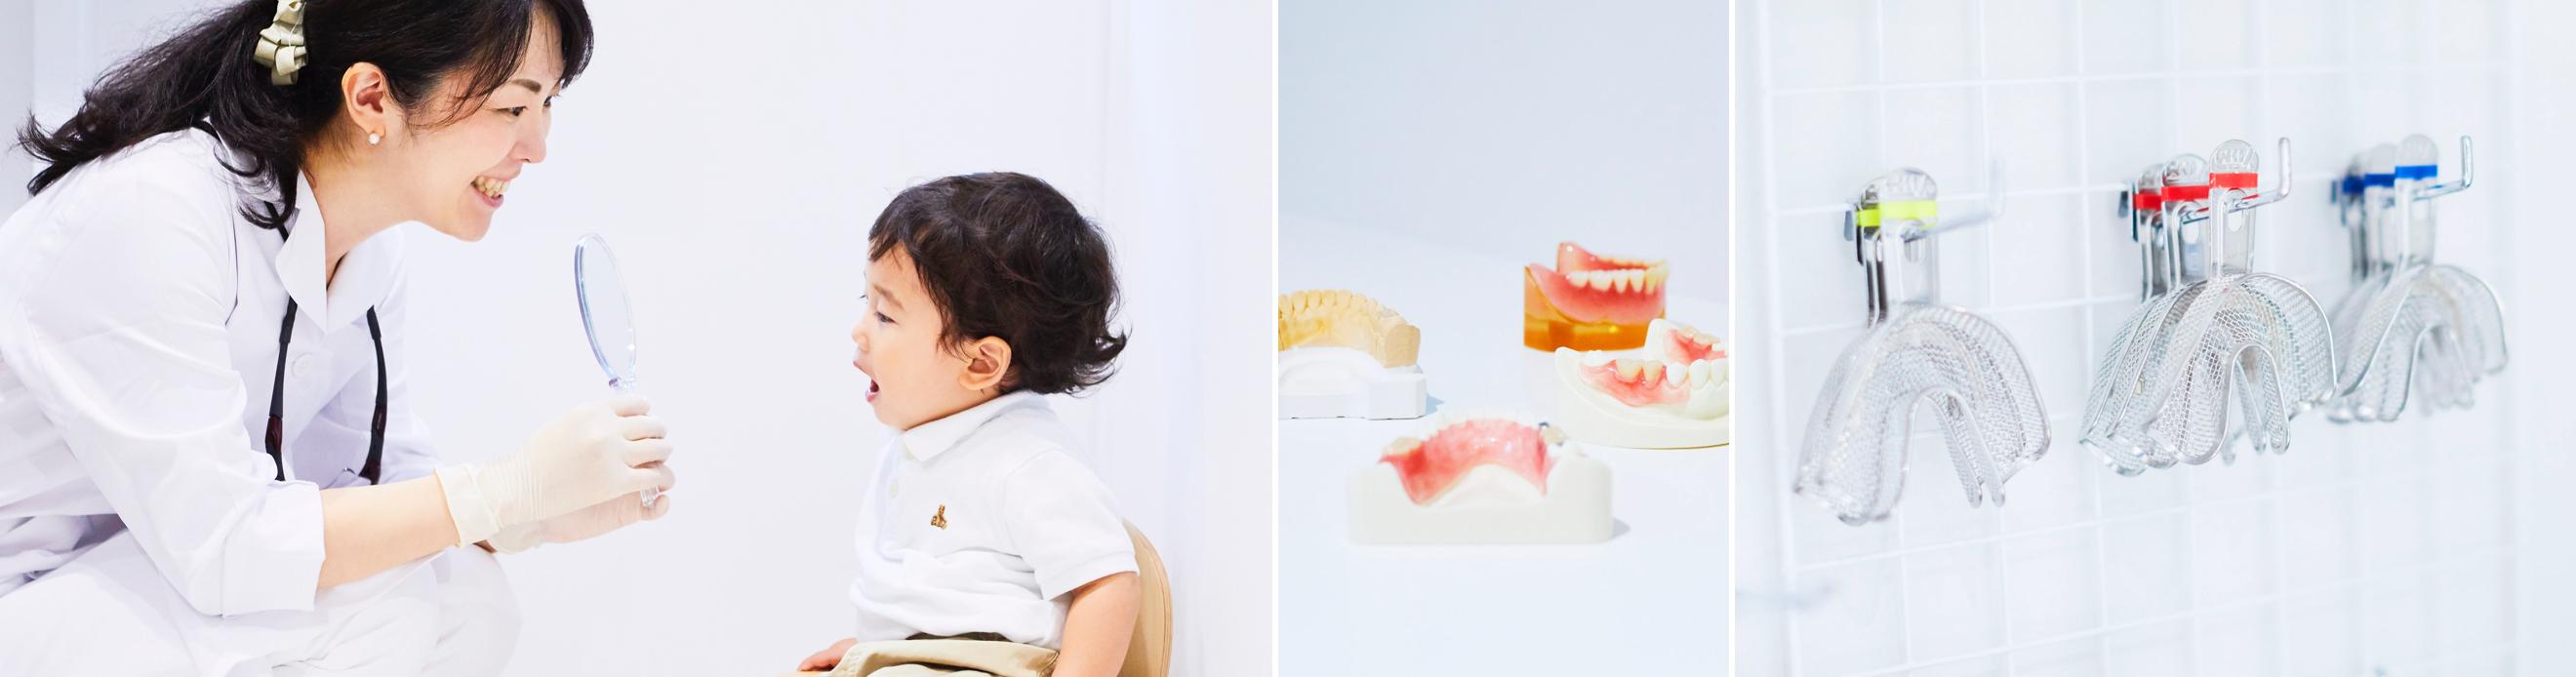 目白台歯科のイメージ